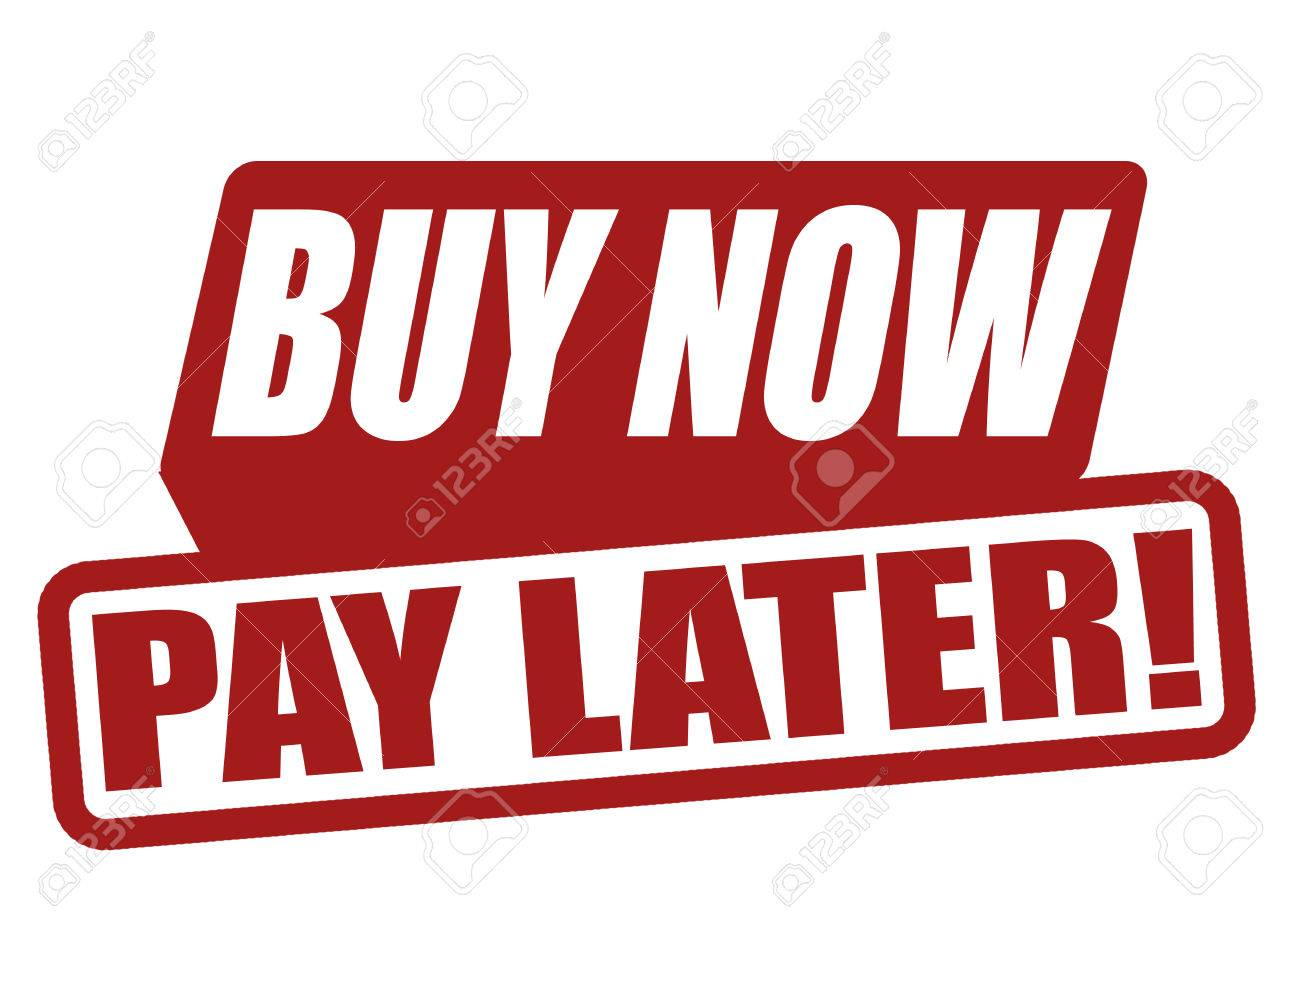 acheter maintenant payer plus tard etiquette sur fond blanc illustration vectorielle banque d images